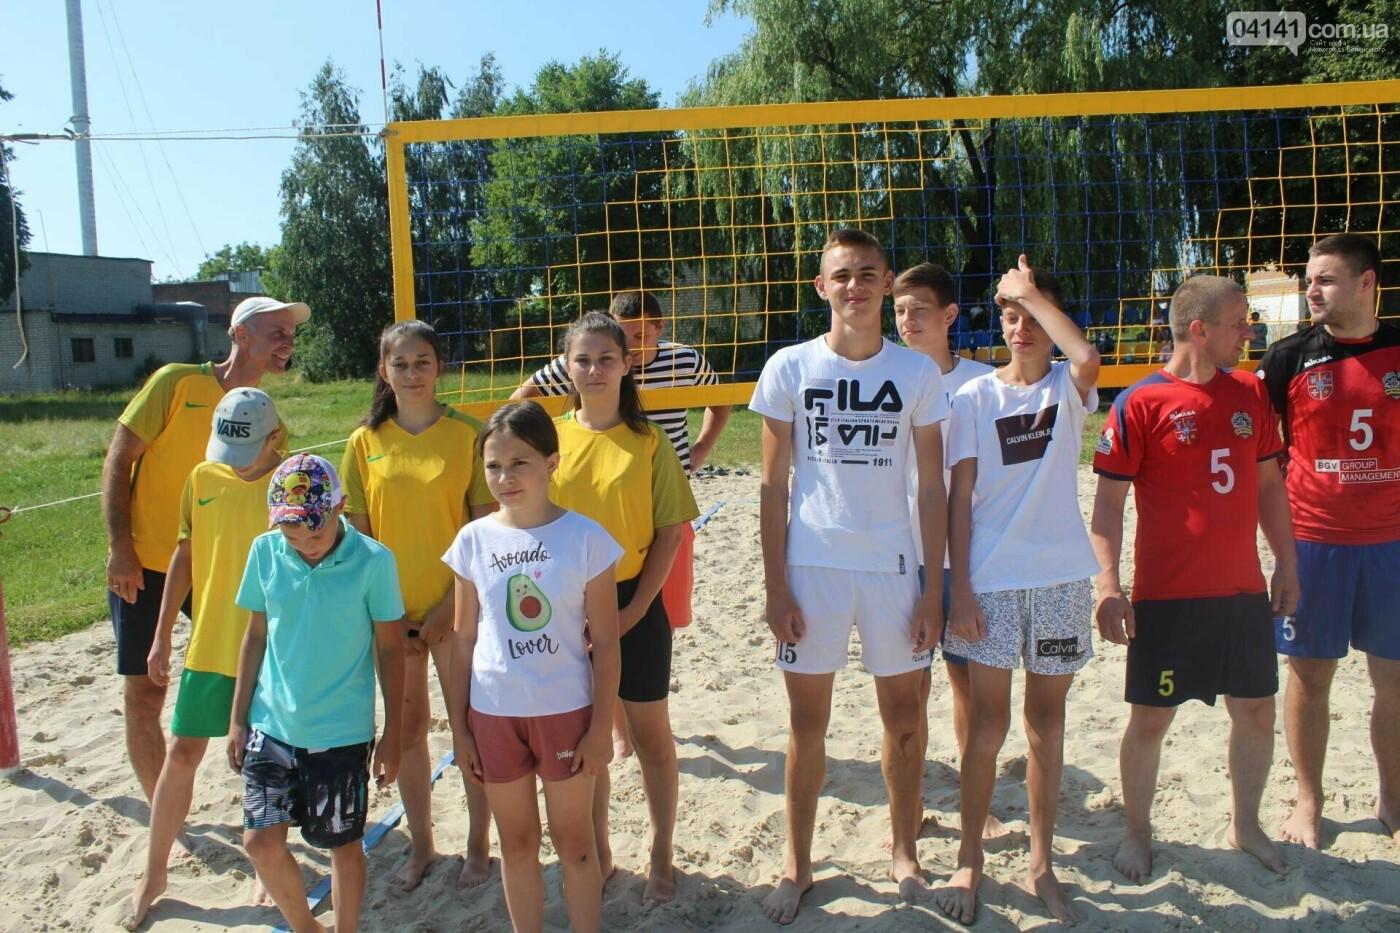 У Новограді-Волинському відбувся турнір з пляжного волейболу (ФОТО, ВІДЕО, РЕЗУЛЬТАТИ), фото-4